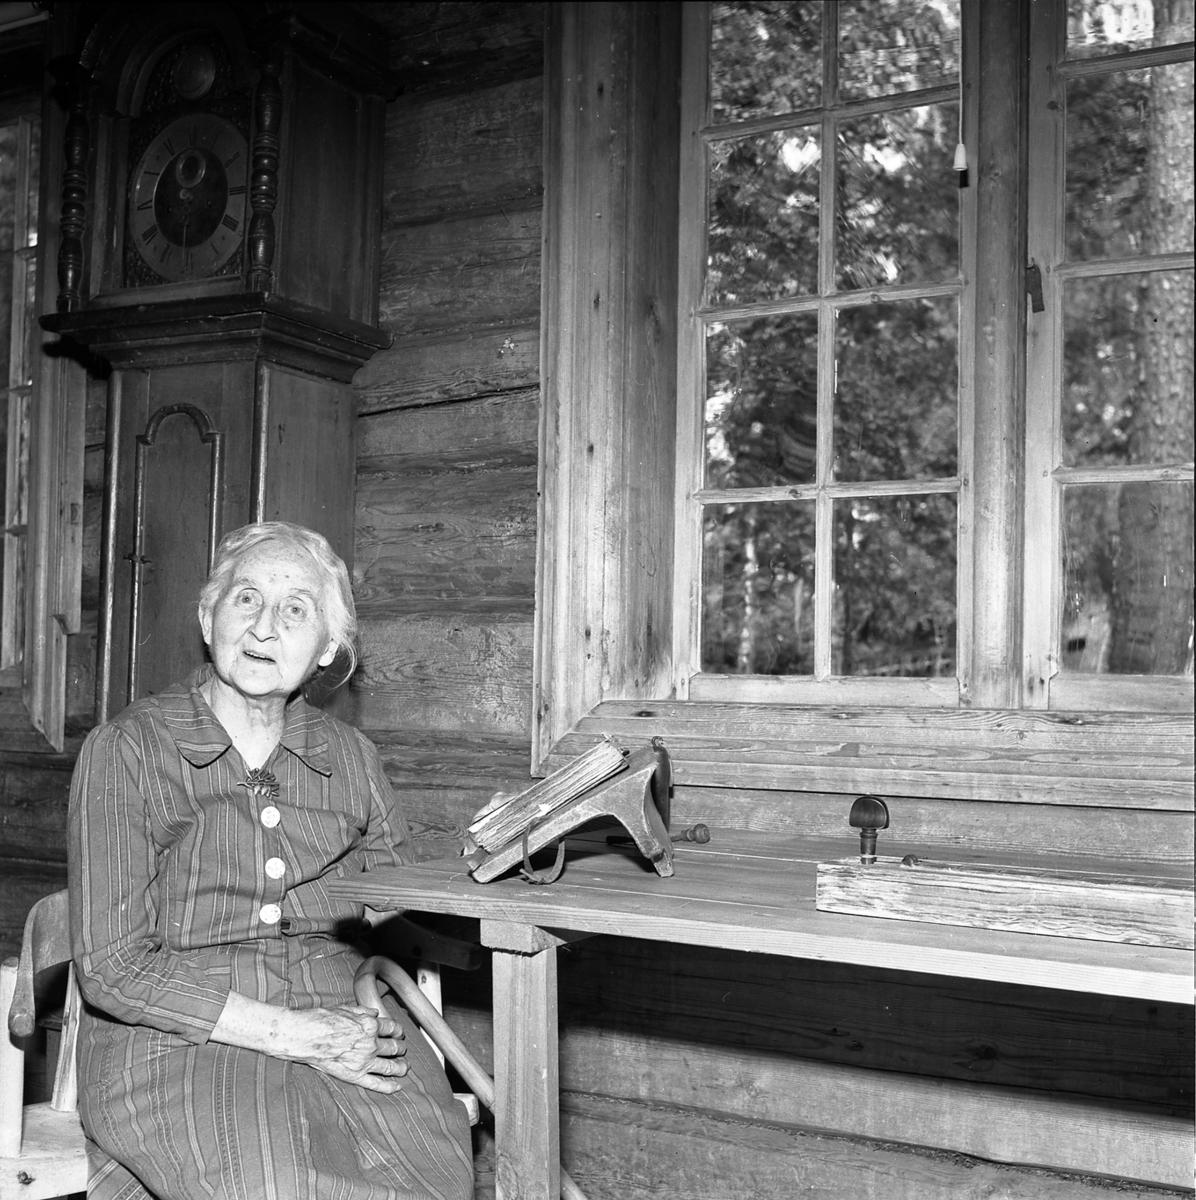 Anna Skavhaugen